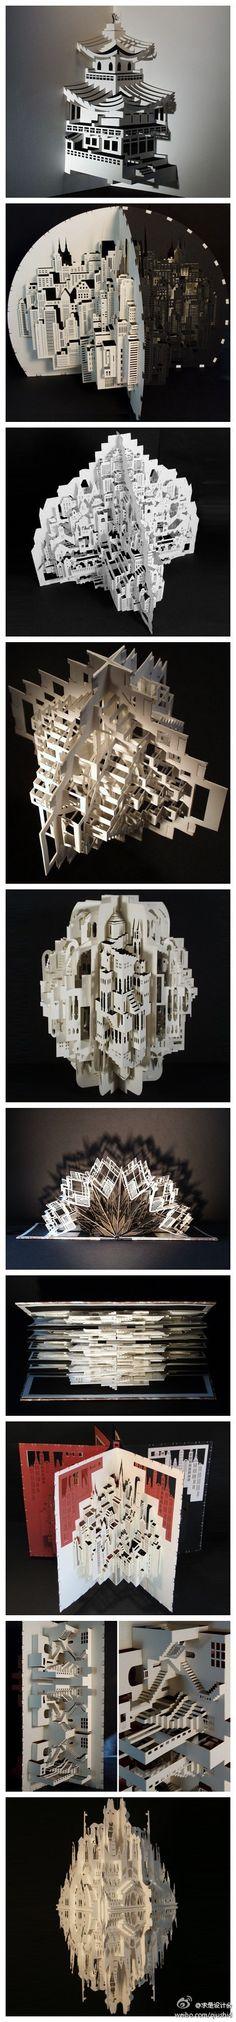 剪出来的建筑。阿姆斯特丹艺术家 Ingrid Siliakus 用剪纸创作了许多拥有丰富细节的建筑, 每个作品都呈现立体结构,部分还做成了立体书形式,翻看就能看到。